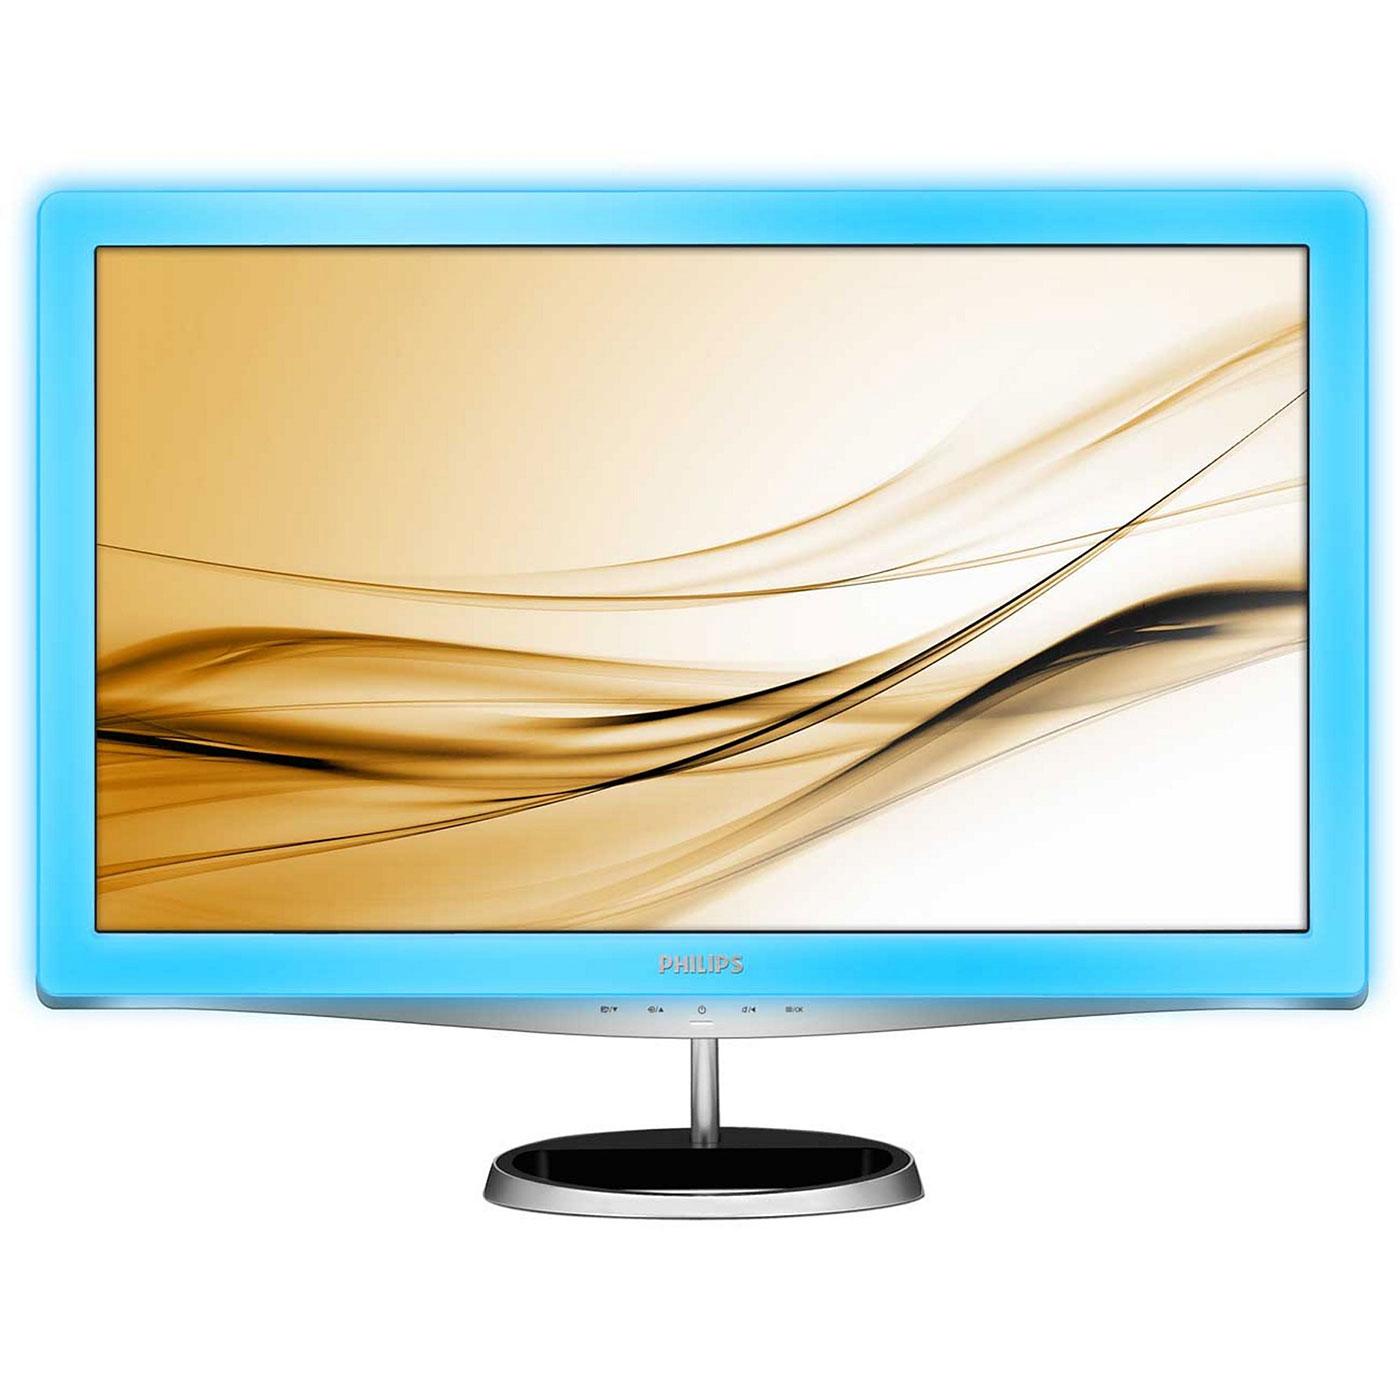 """Ecran PC Philips 23.6"""" LED - 248X3LFHSB 1920 x 1080 pixels - 2 ms (gris à gris) - Format 16/9 - HDMI - Lightframe"""